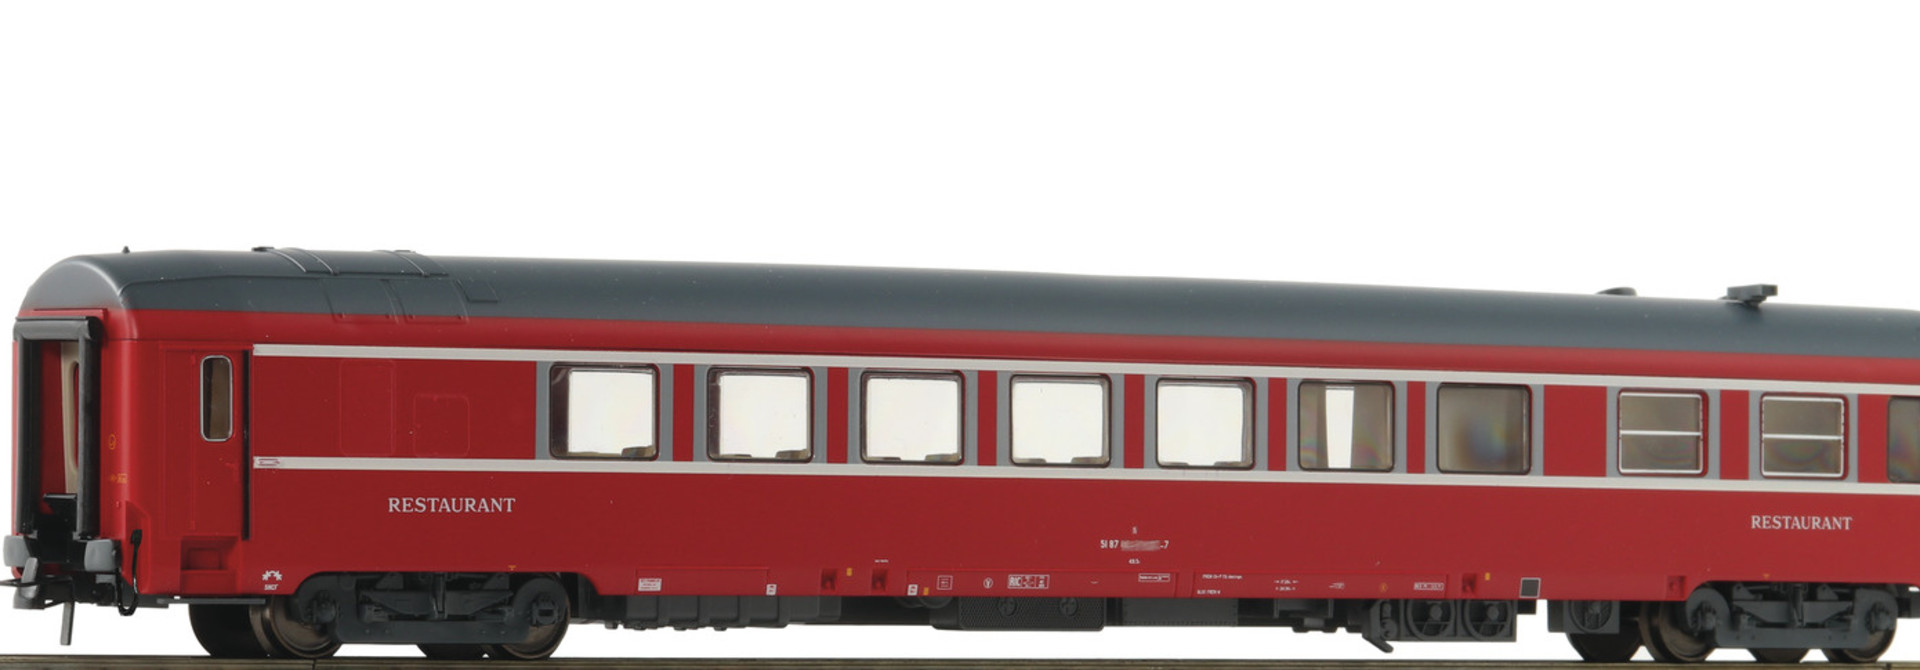 74358 restauratierijtuig UIC-Y van de SNCF